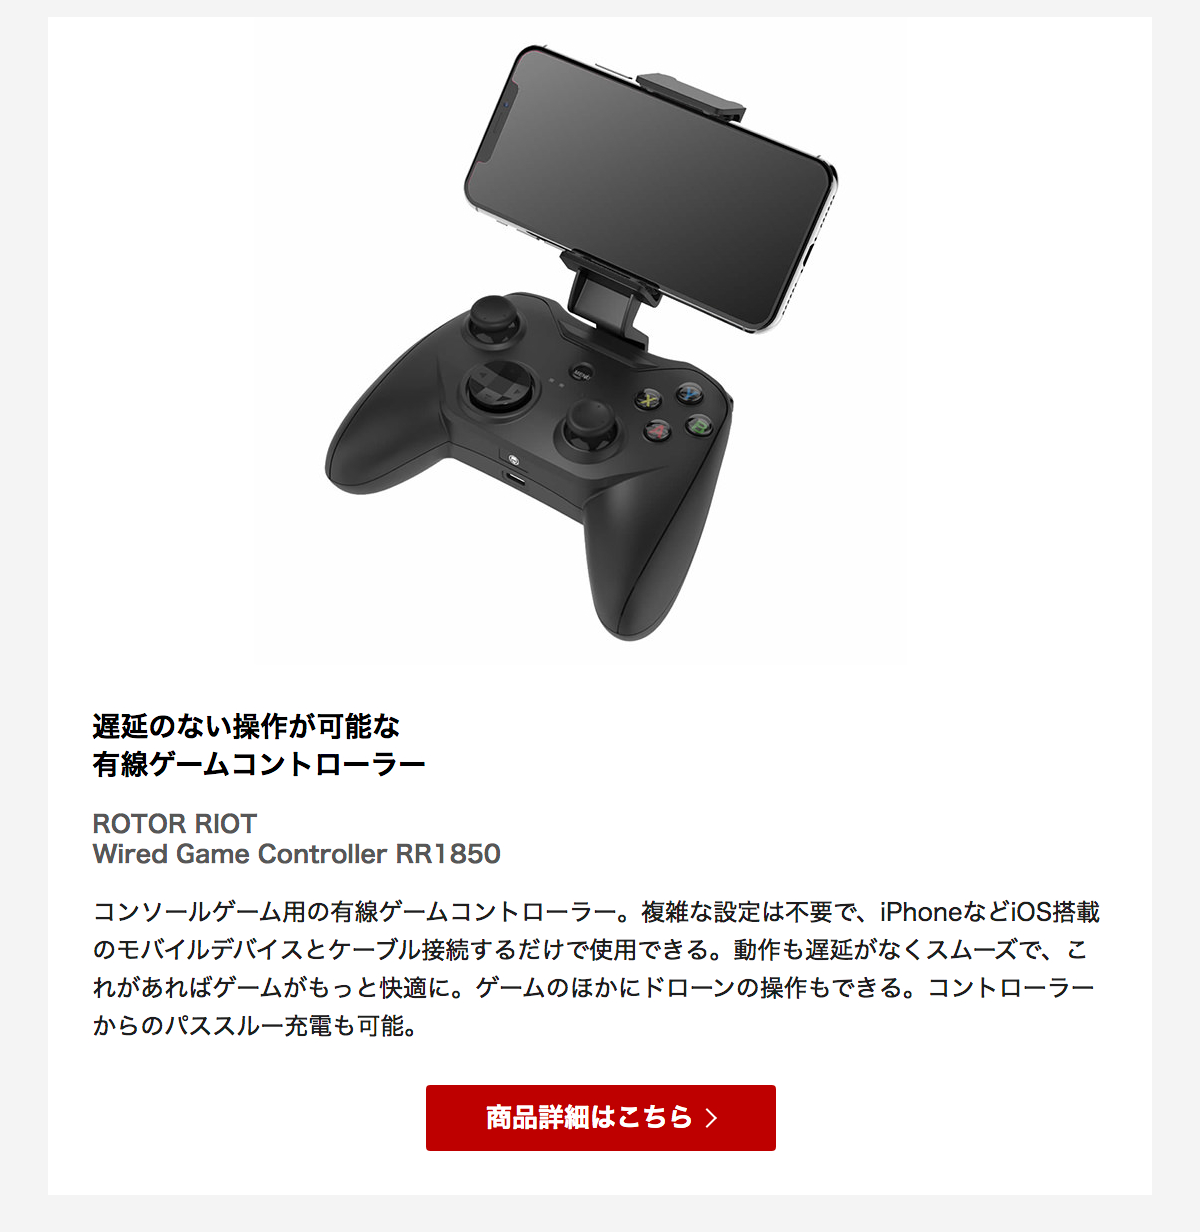 コンソールゲーム用の有線ゲームコントローラー。複雑な設定は不要で、iPhoneなどiOS搭載のモバイルデバイスとケーブル接続するだけで使用できる。動作も遅延がなくスムーズで、これがあればゲームがもっと快適に。ゲームのほかにドローンの操作もできる。コントローラーからのパススルー充電も可能。